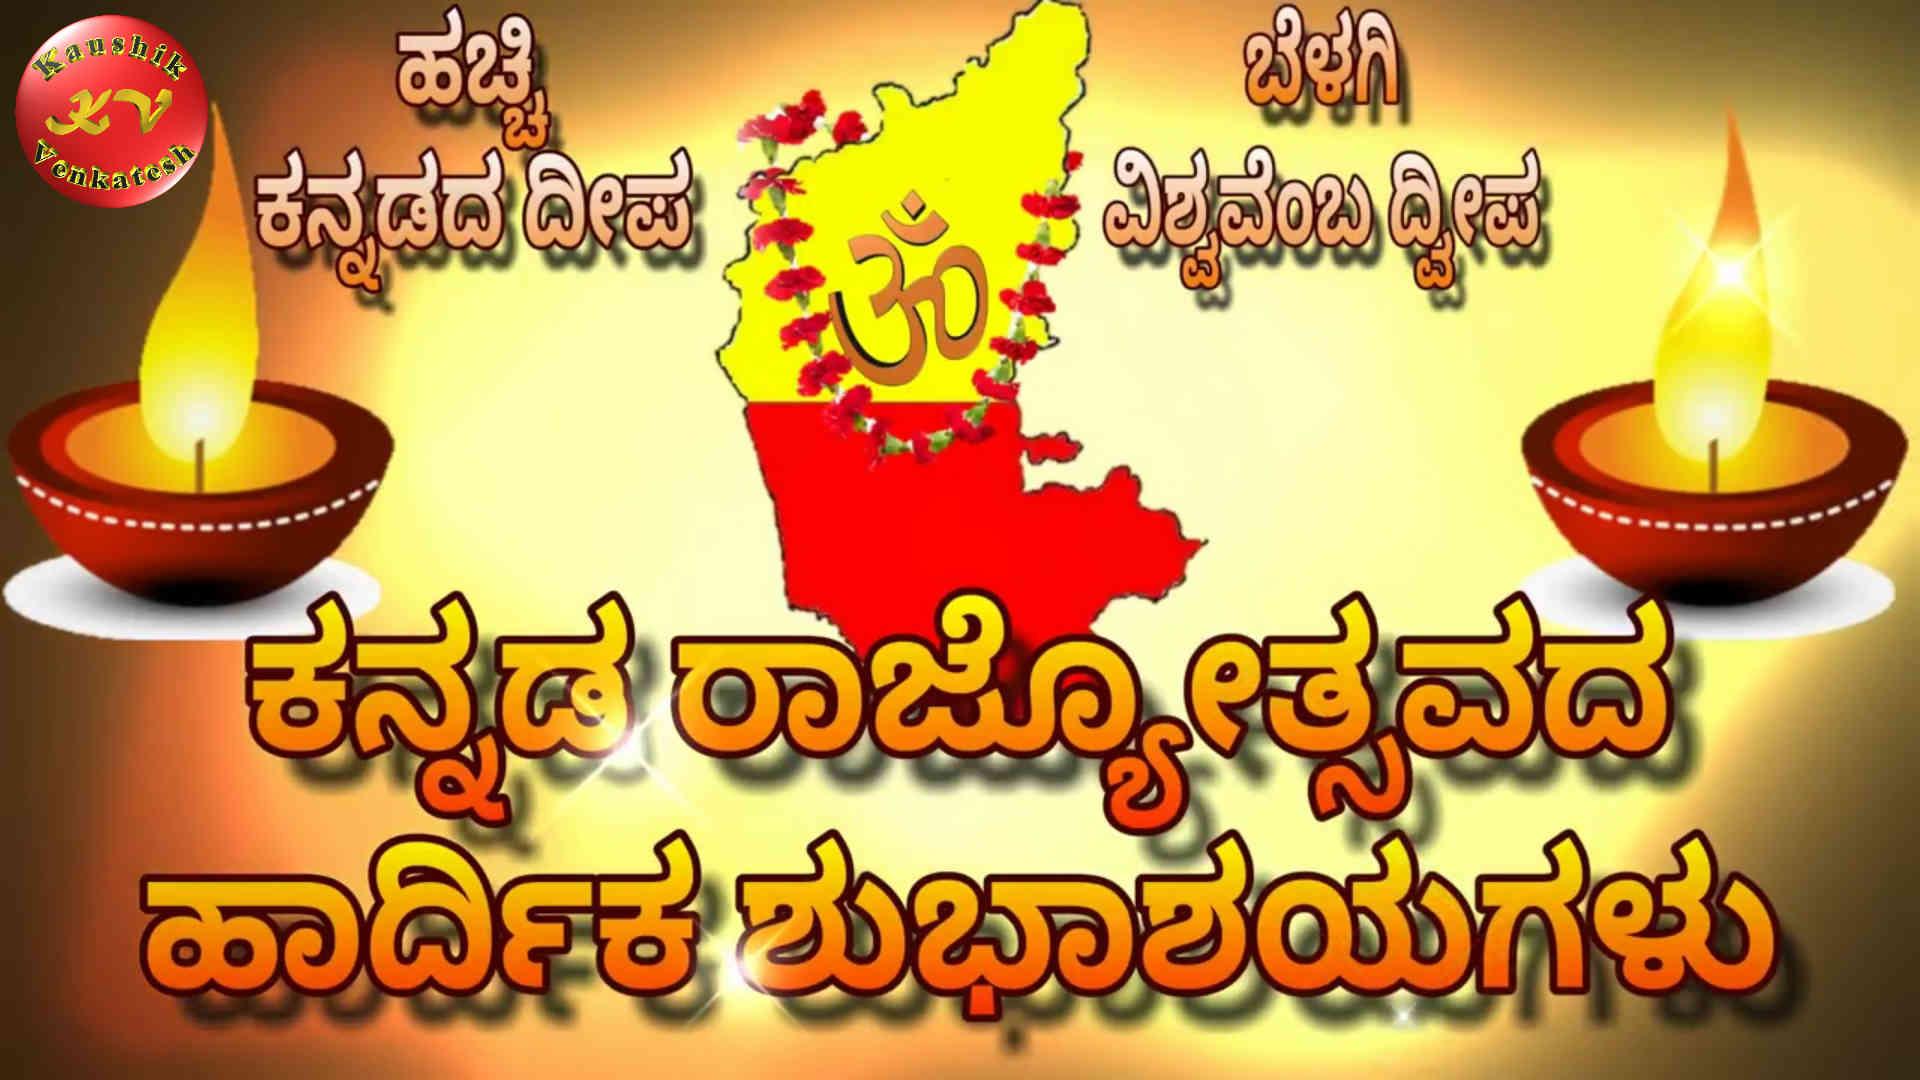 Happy Karnataka Rajyotsava in Kannada